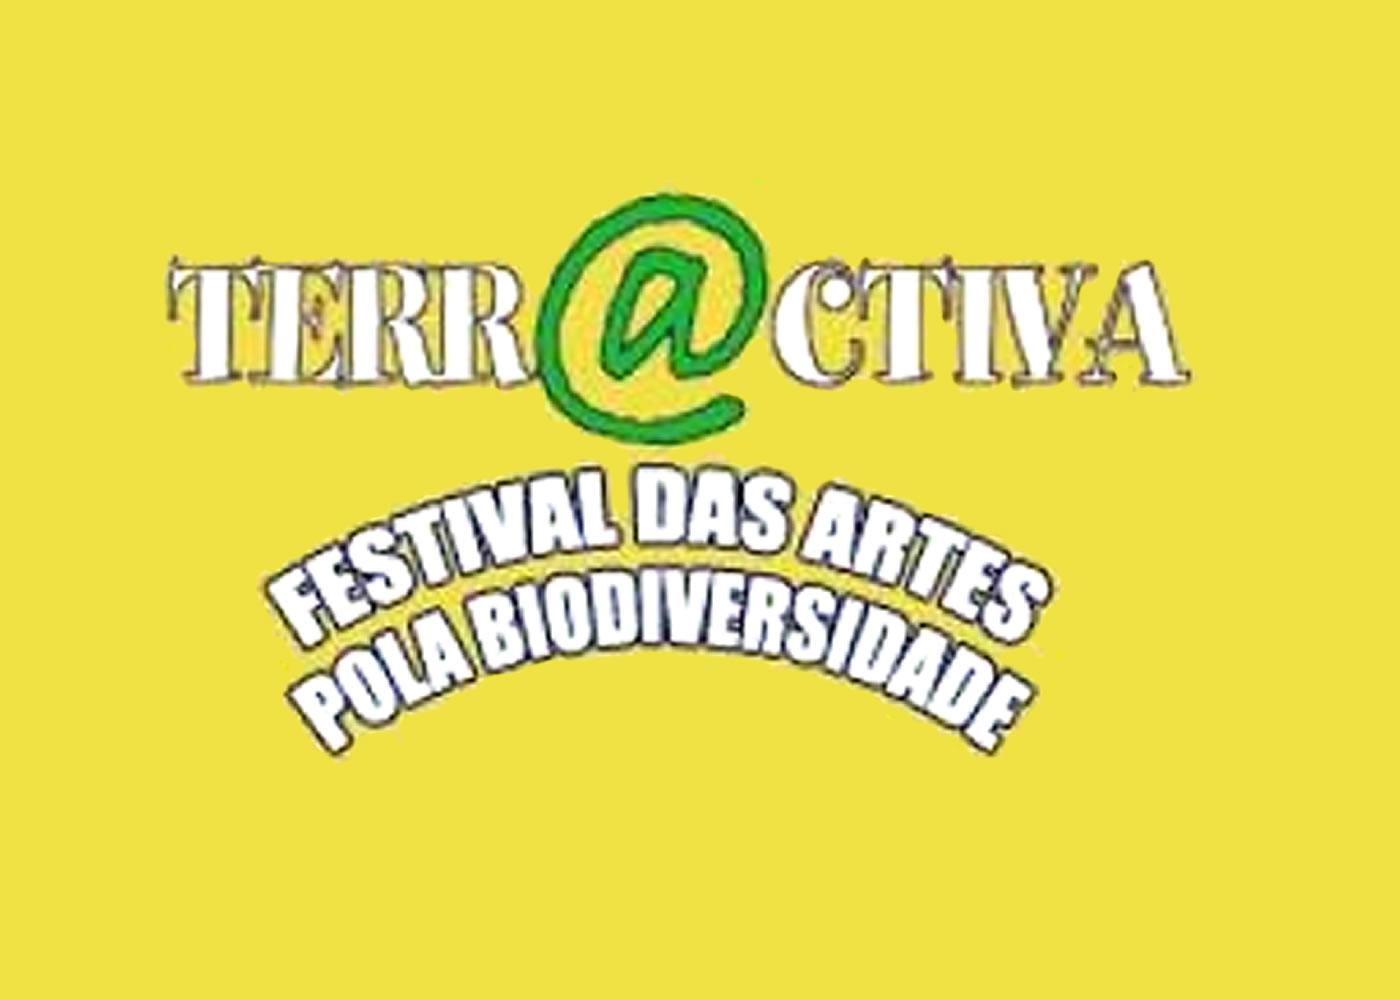 Hoje finaliza o prazo de inscrição para os cursos de Terr@ctiva, a feira ambiental de Arçua